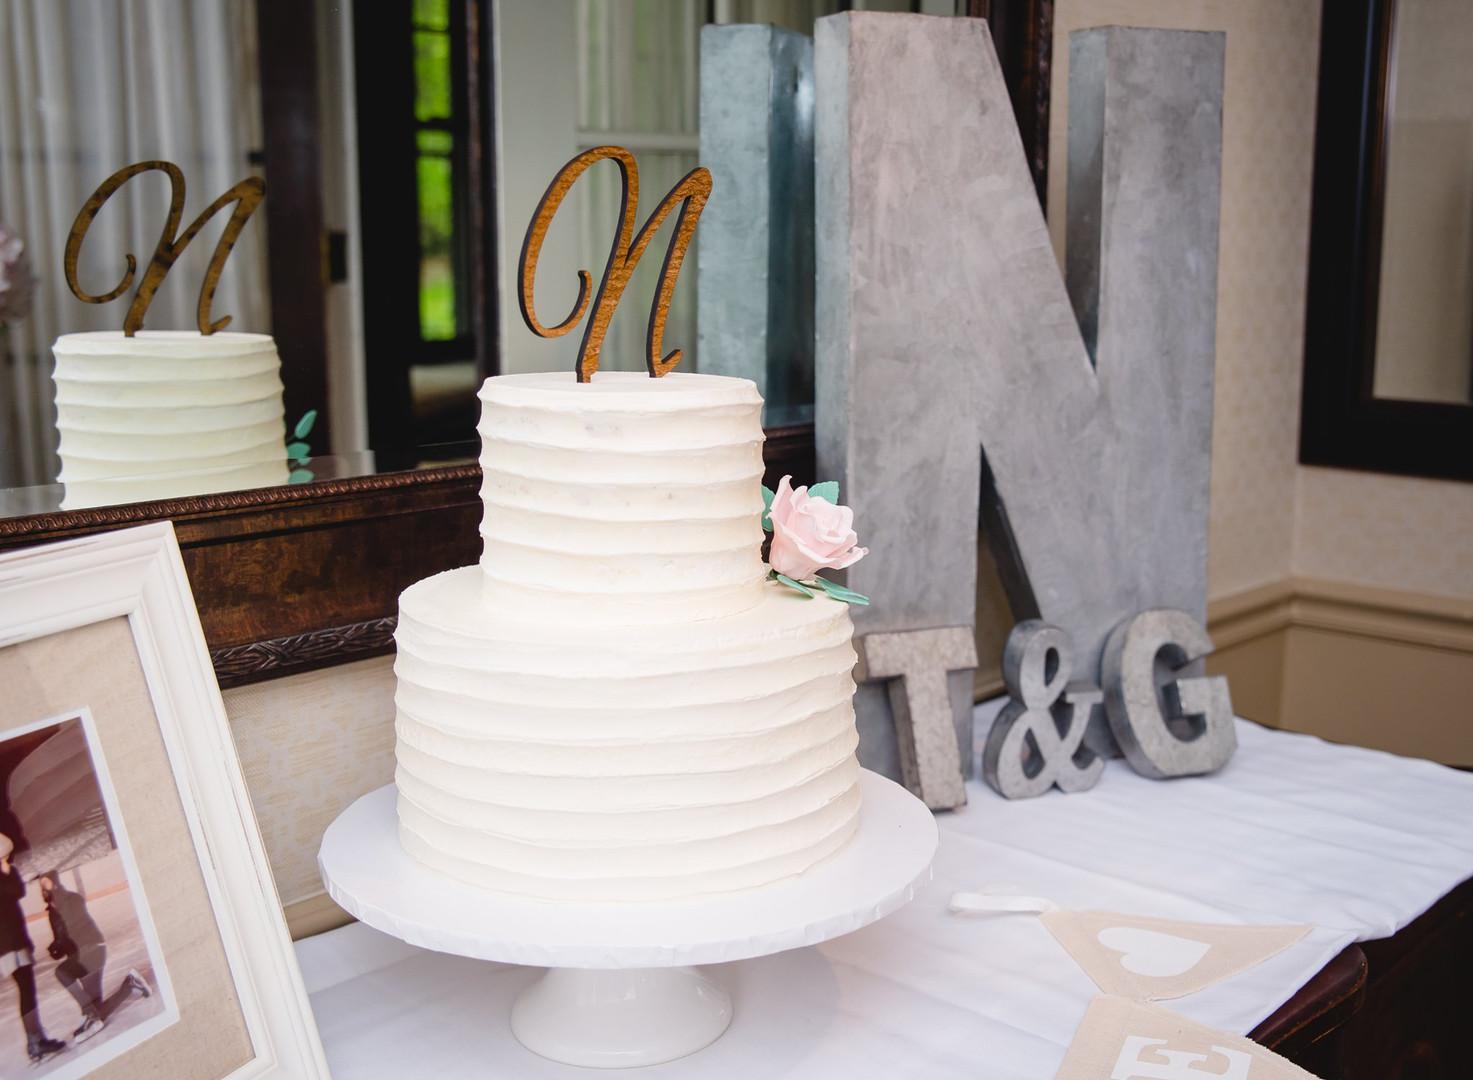 CAKED CT bakery wedding cake